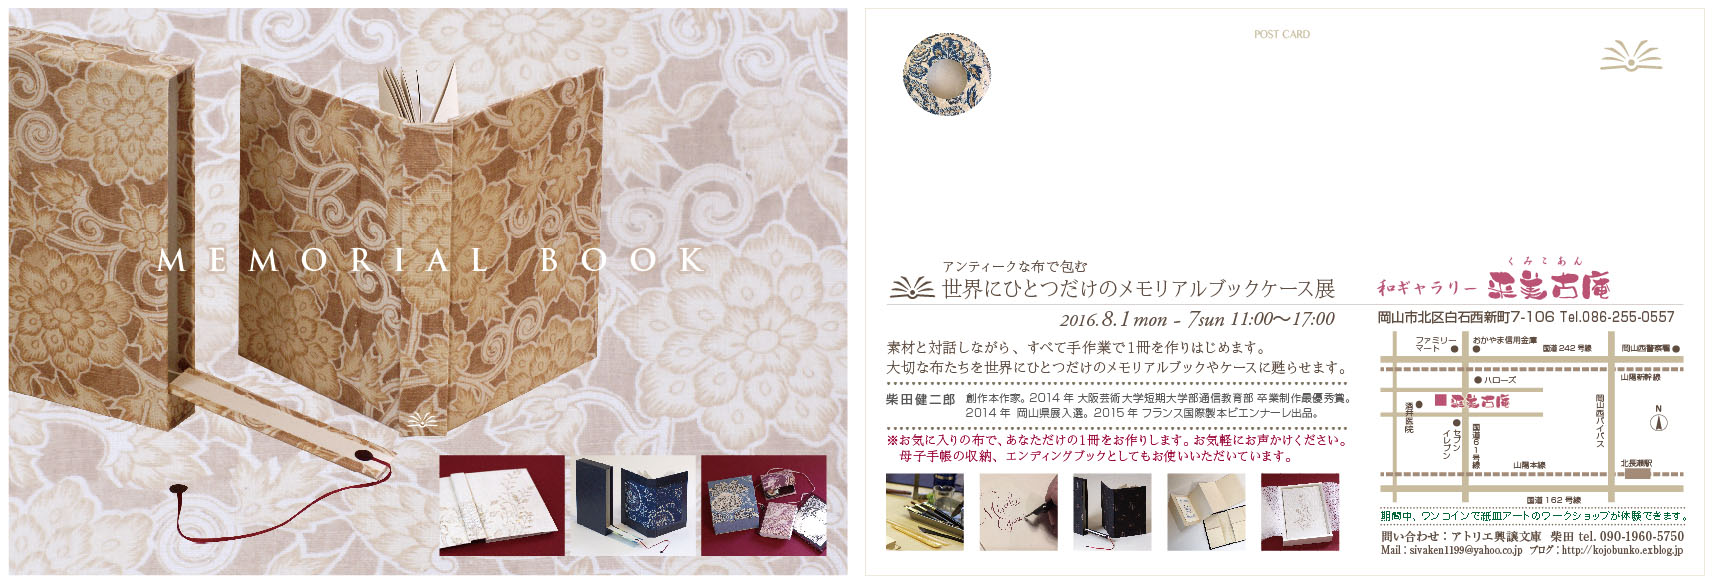 「世界にひとつだけのメモリアルブックケース展」とは?_f0355165_10491640.jpg